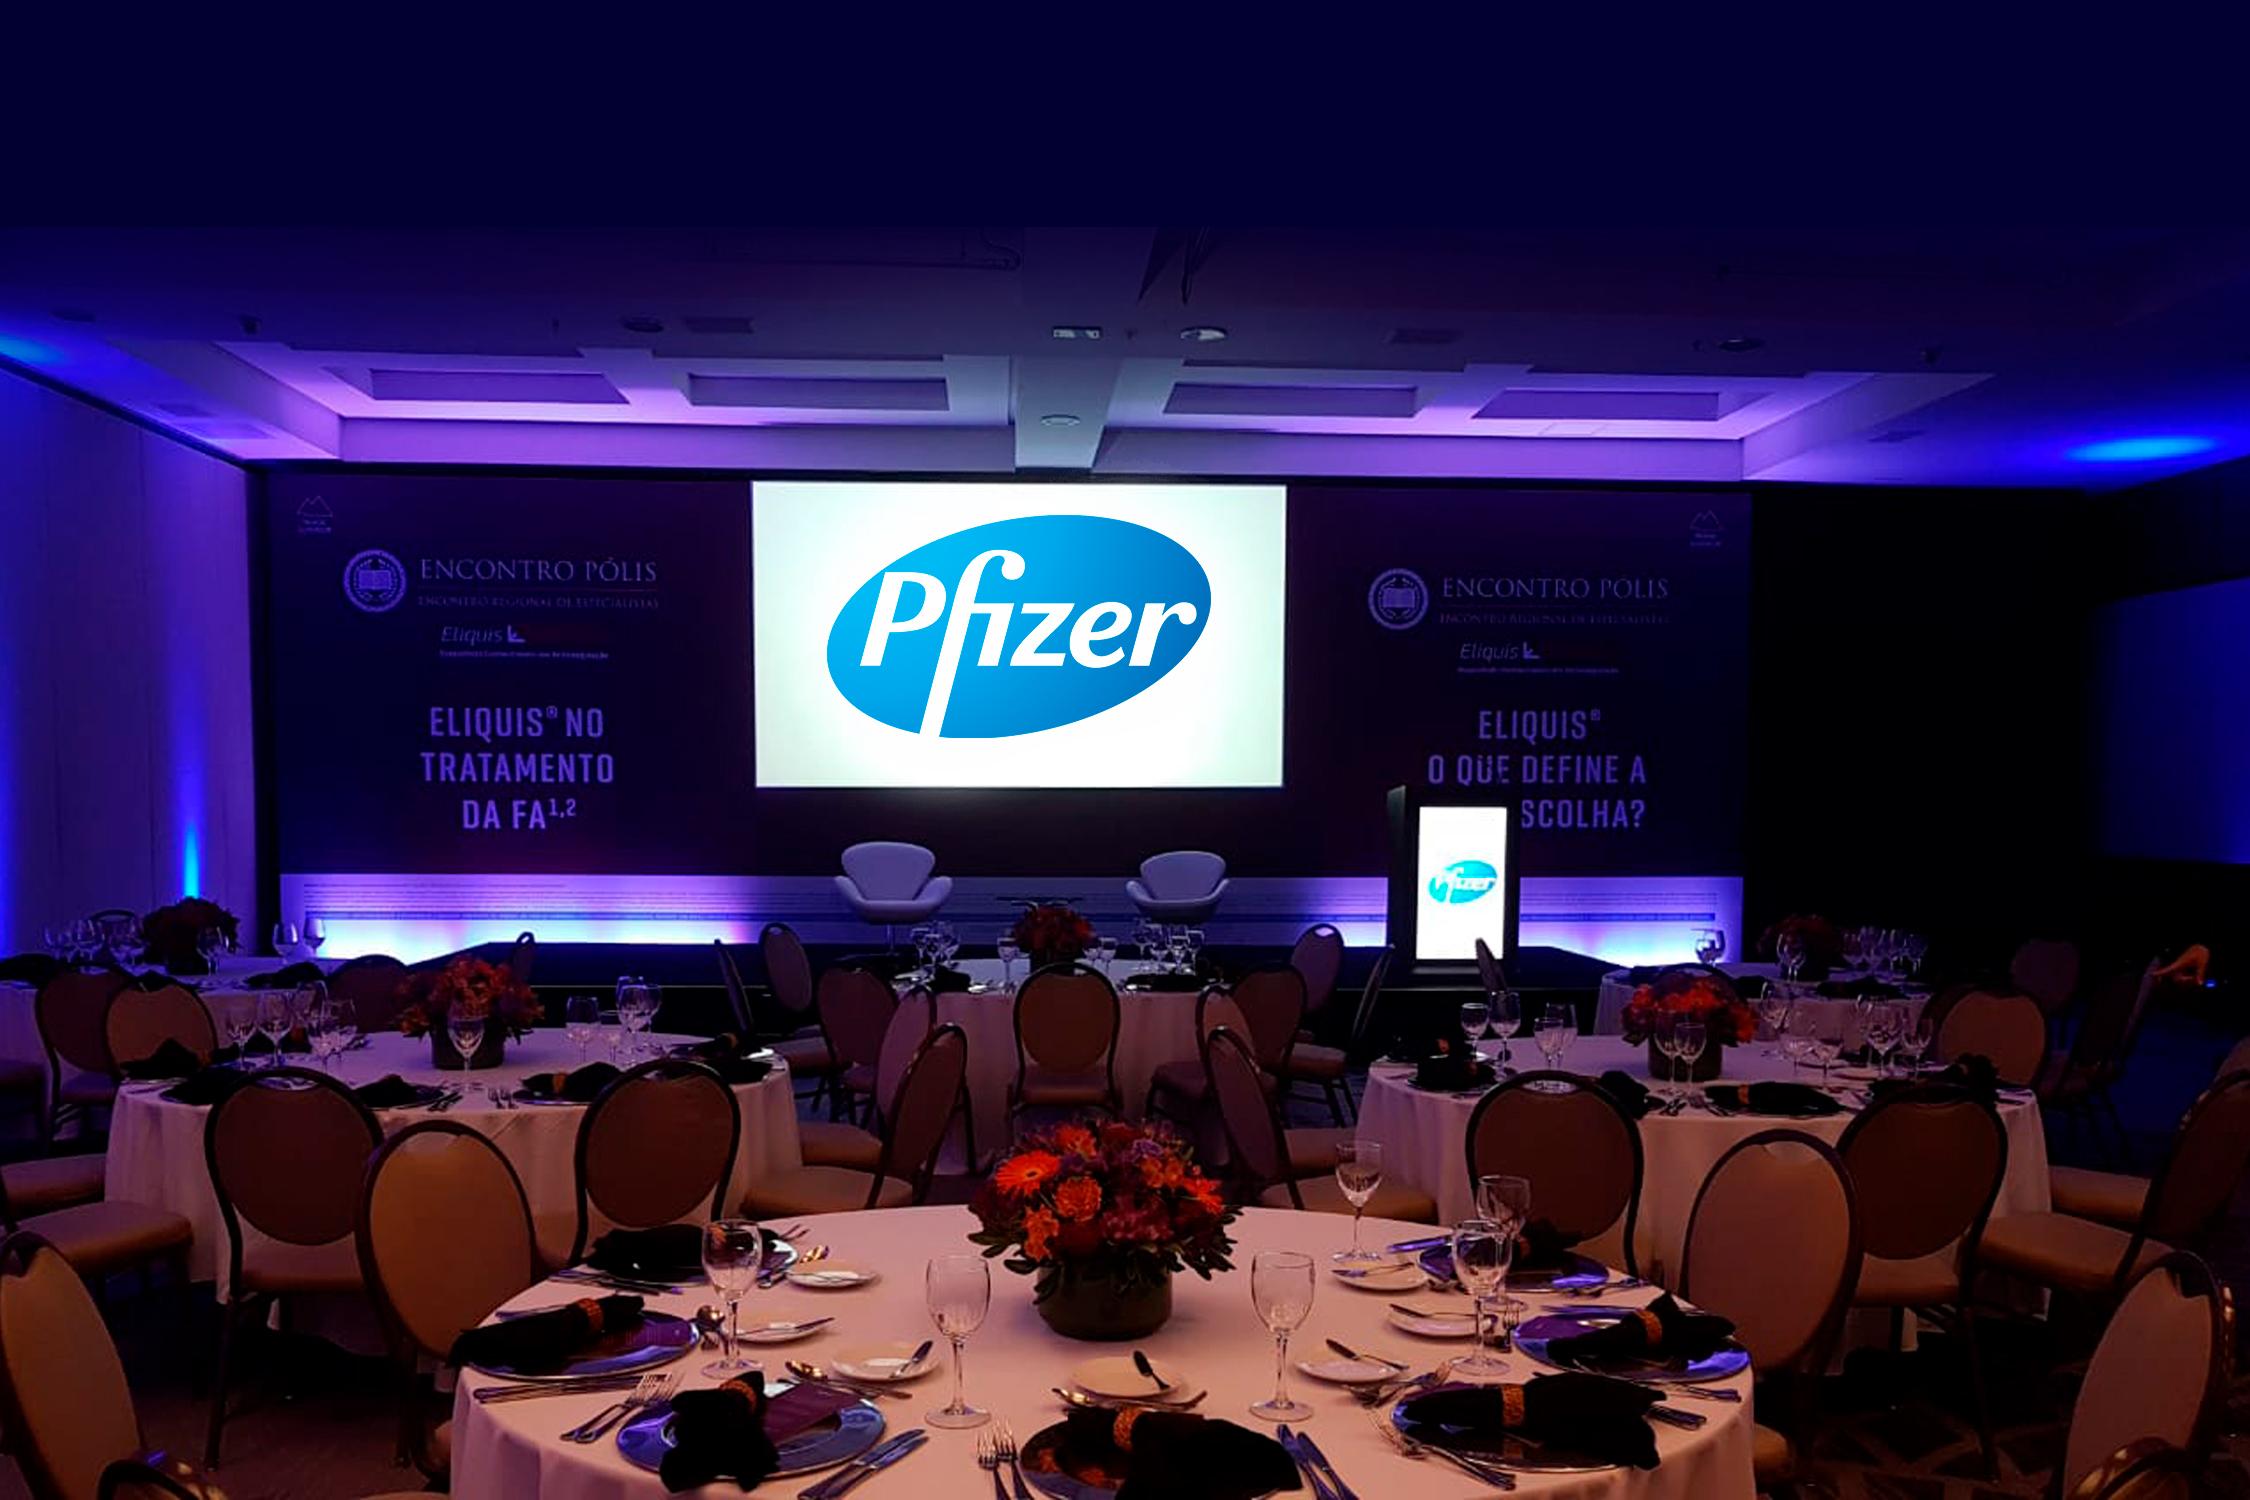 evento corporativo farmacéutica pfizer